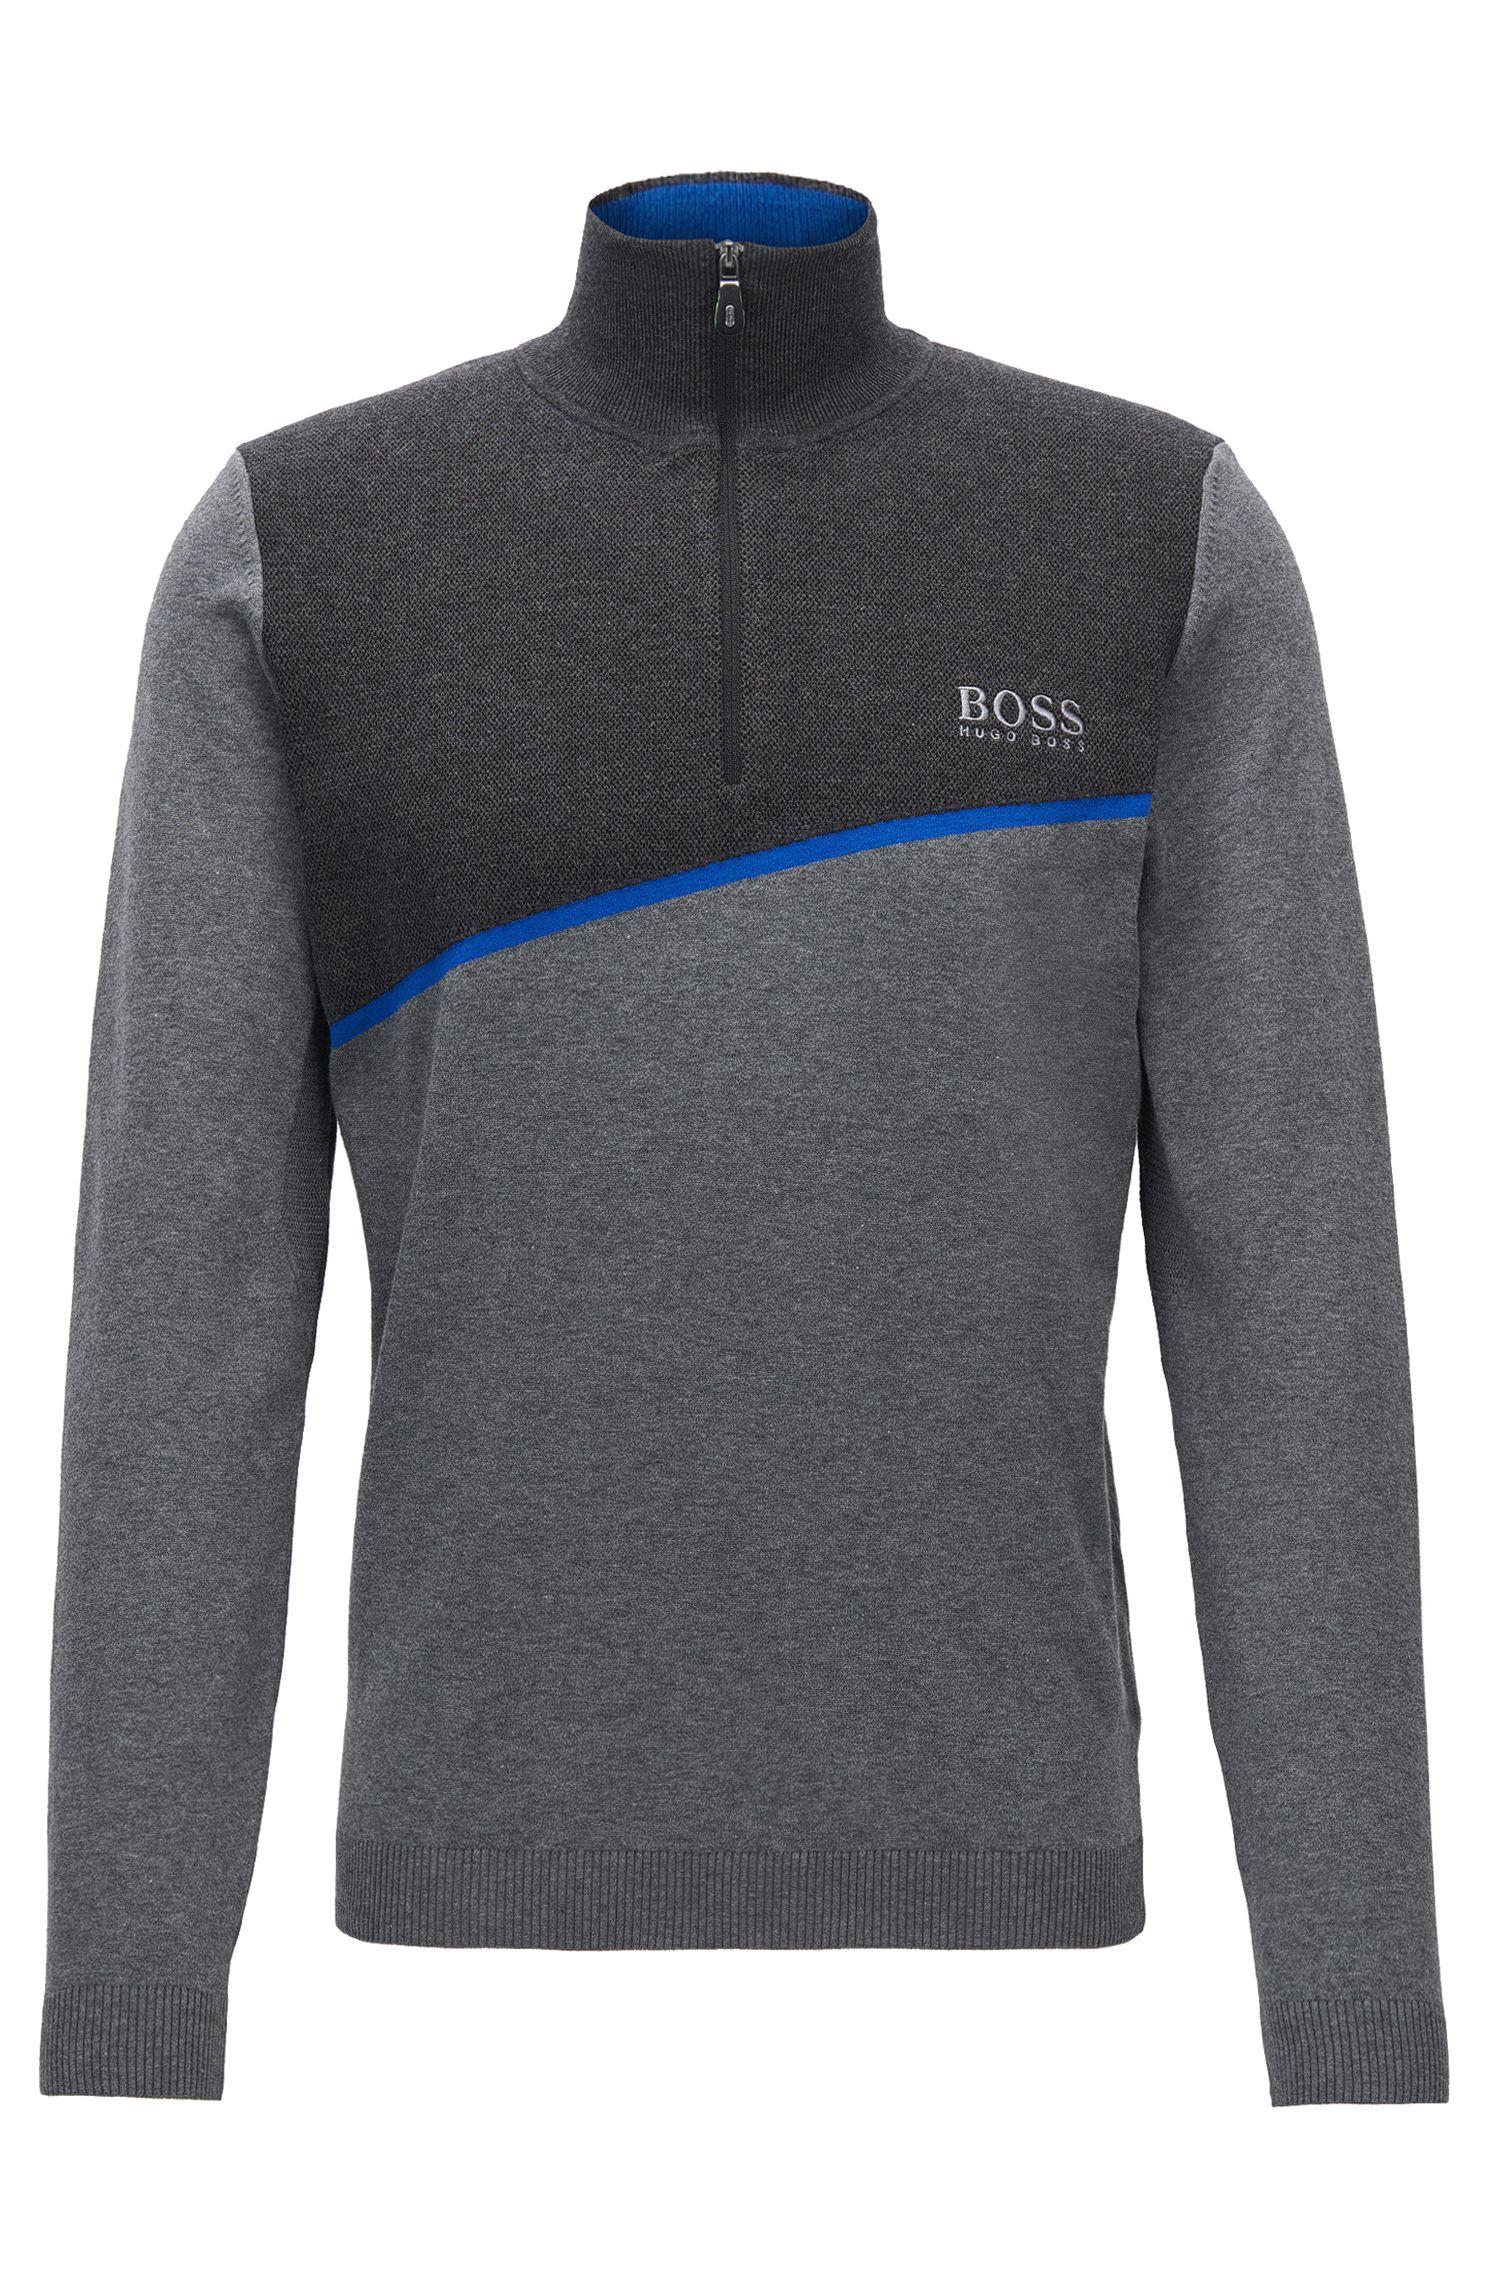 Regular-Fit Pullover aus elastischem Baumwoll-Mix mit Reißverschluss